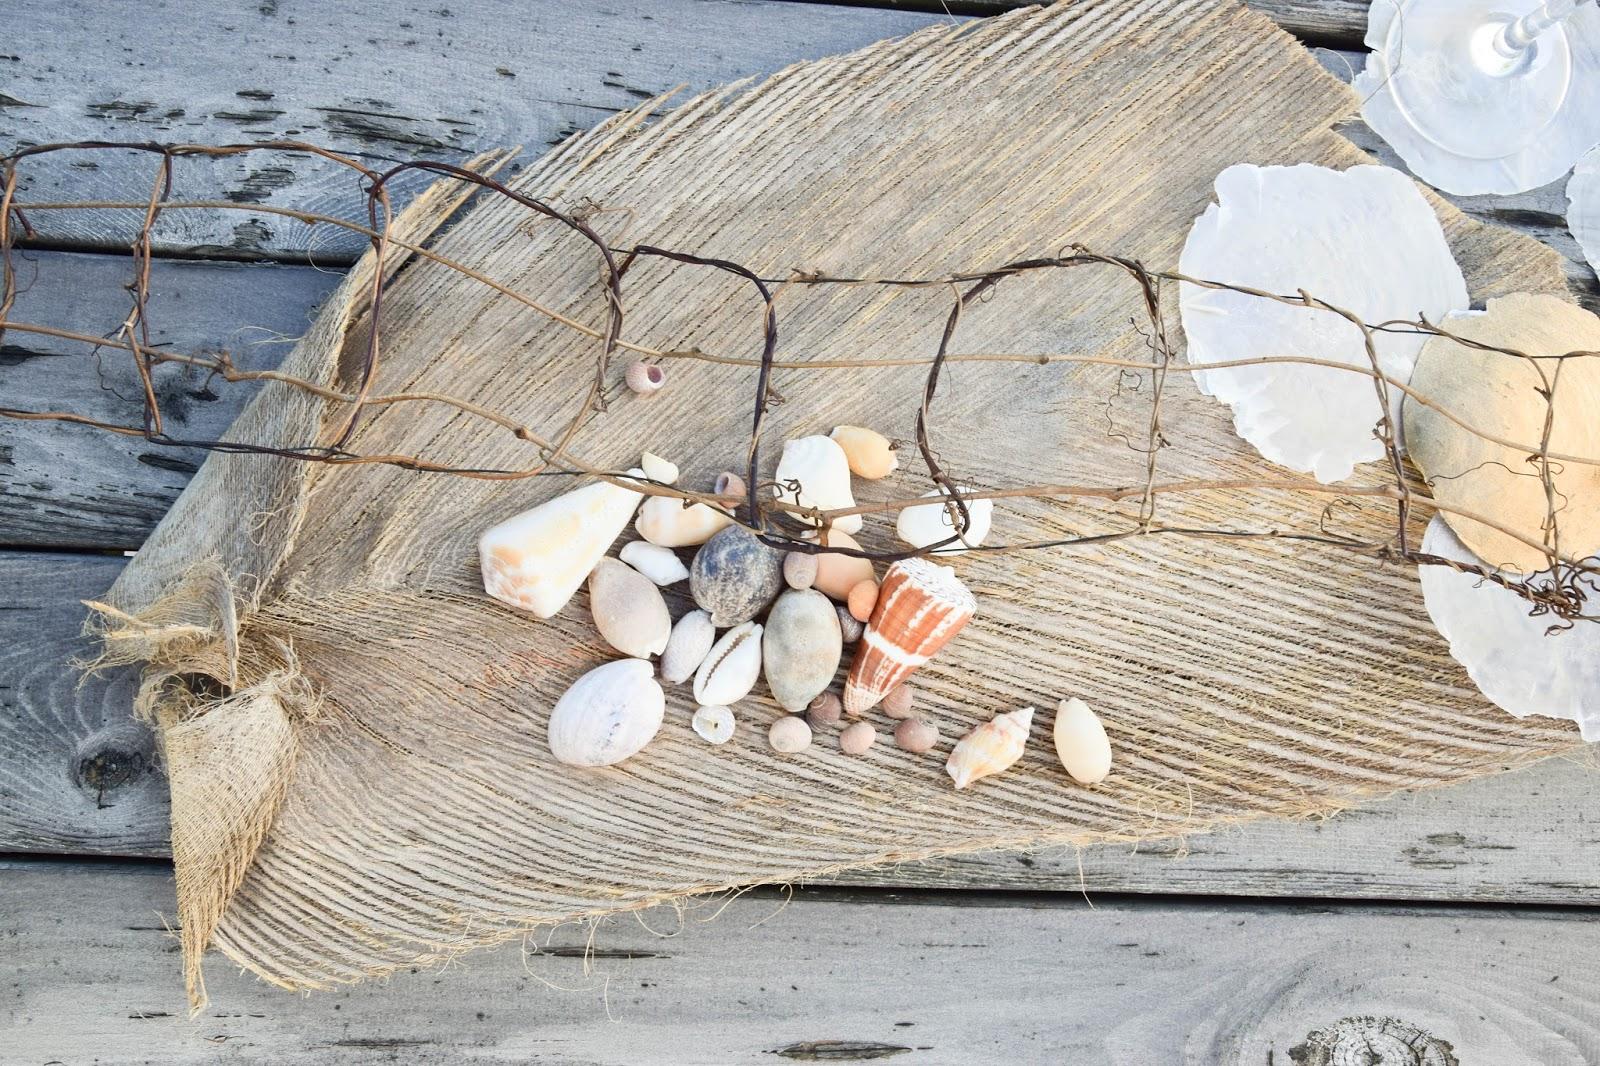 tischdeko tischdekoration muscheln maritim natur tischset natürlich sommerdeko sommertisch dekoidee